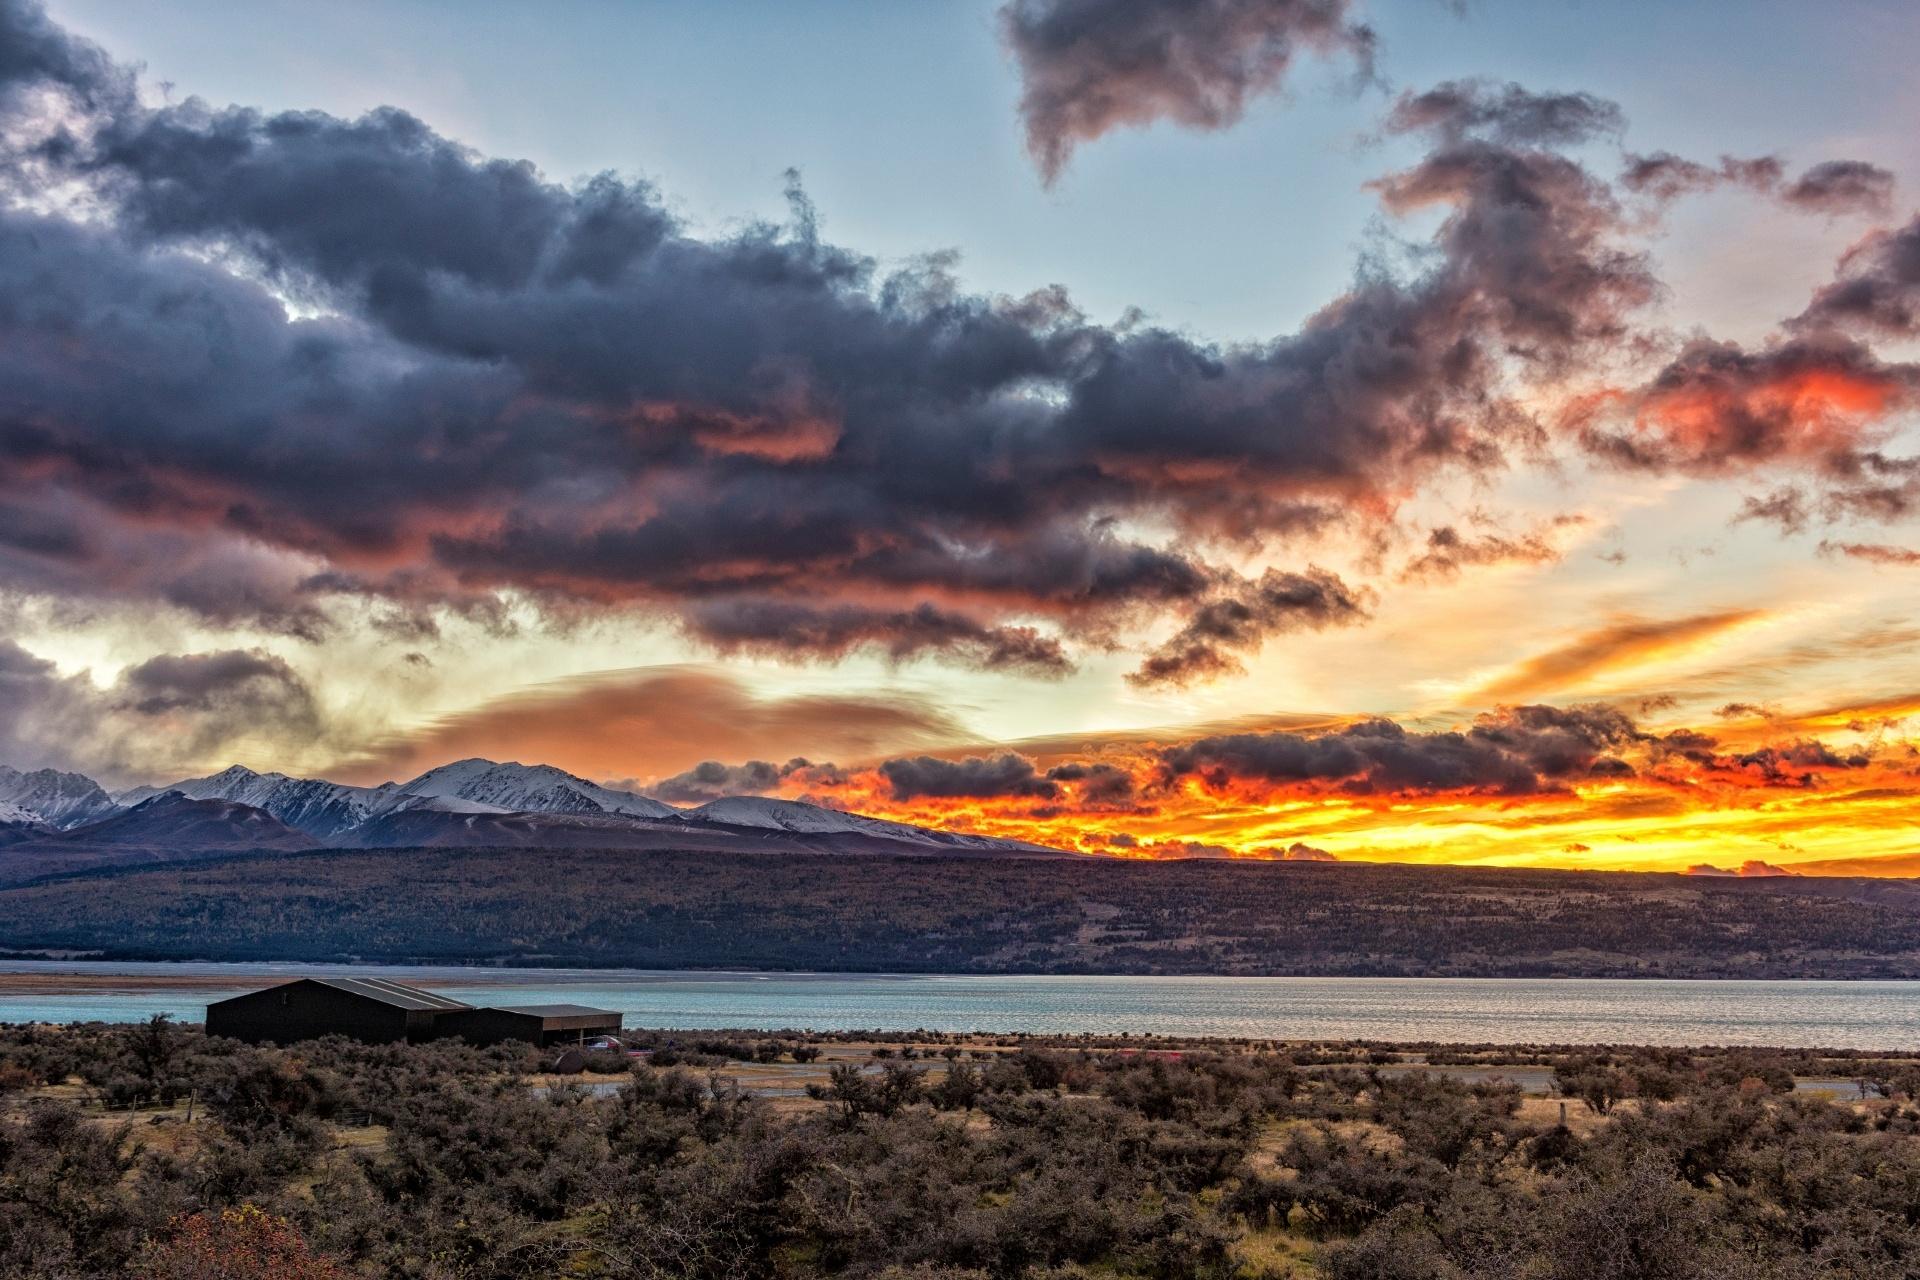 ニュージーランド南島 秋の夕日の風景 マウントクックとプカキ湖